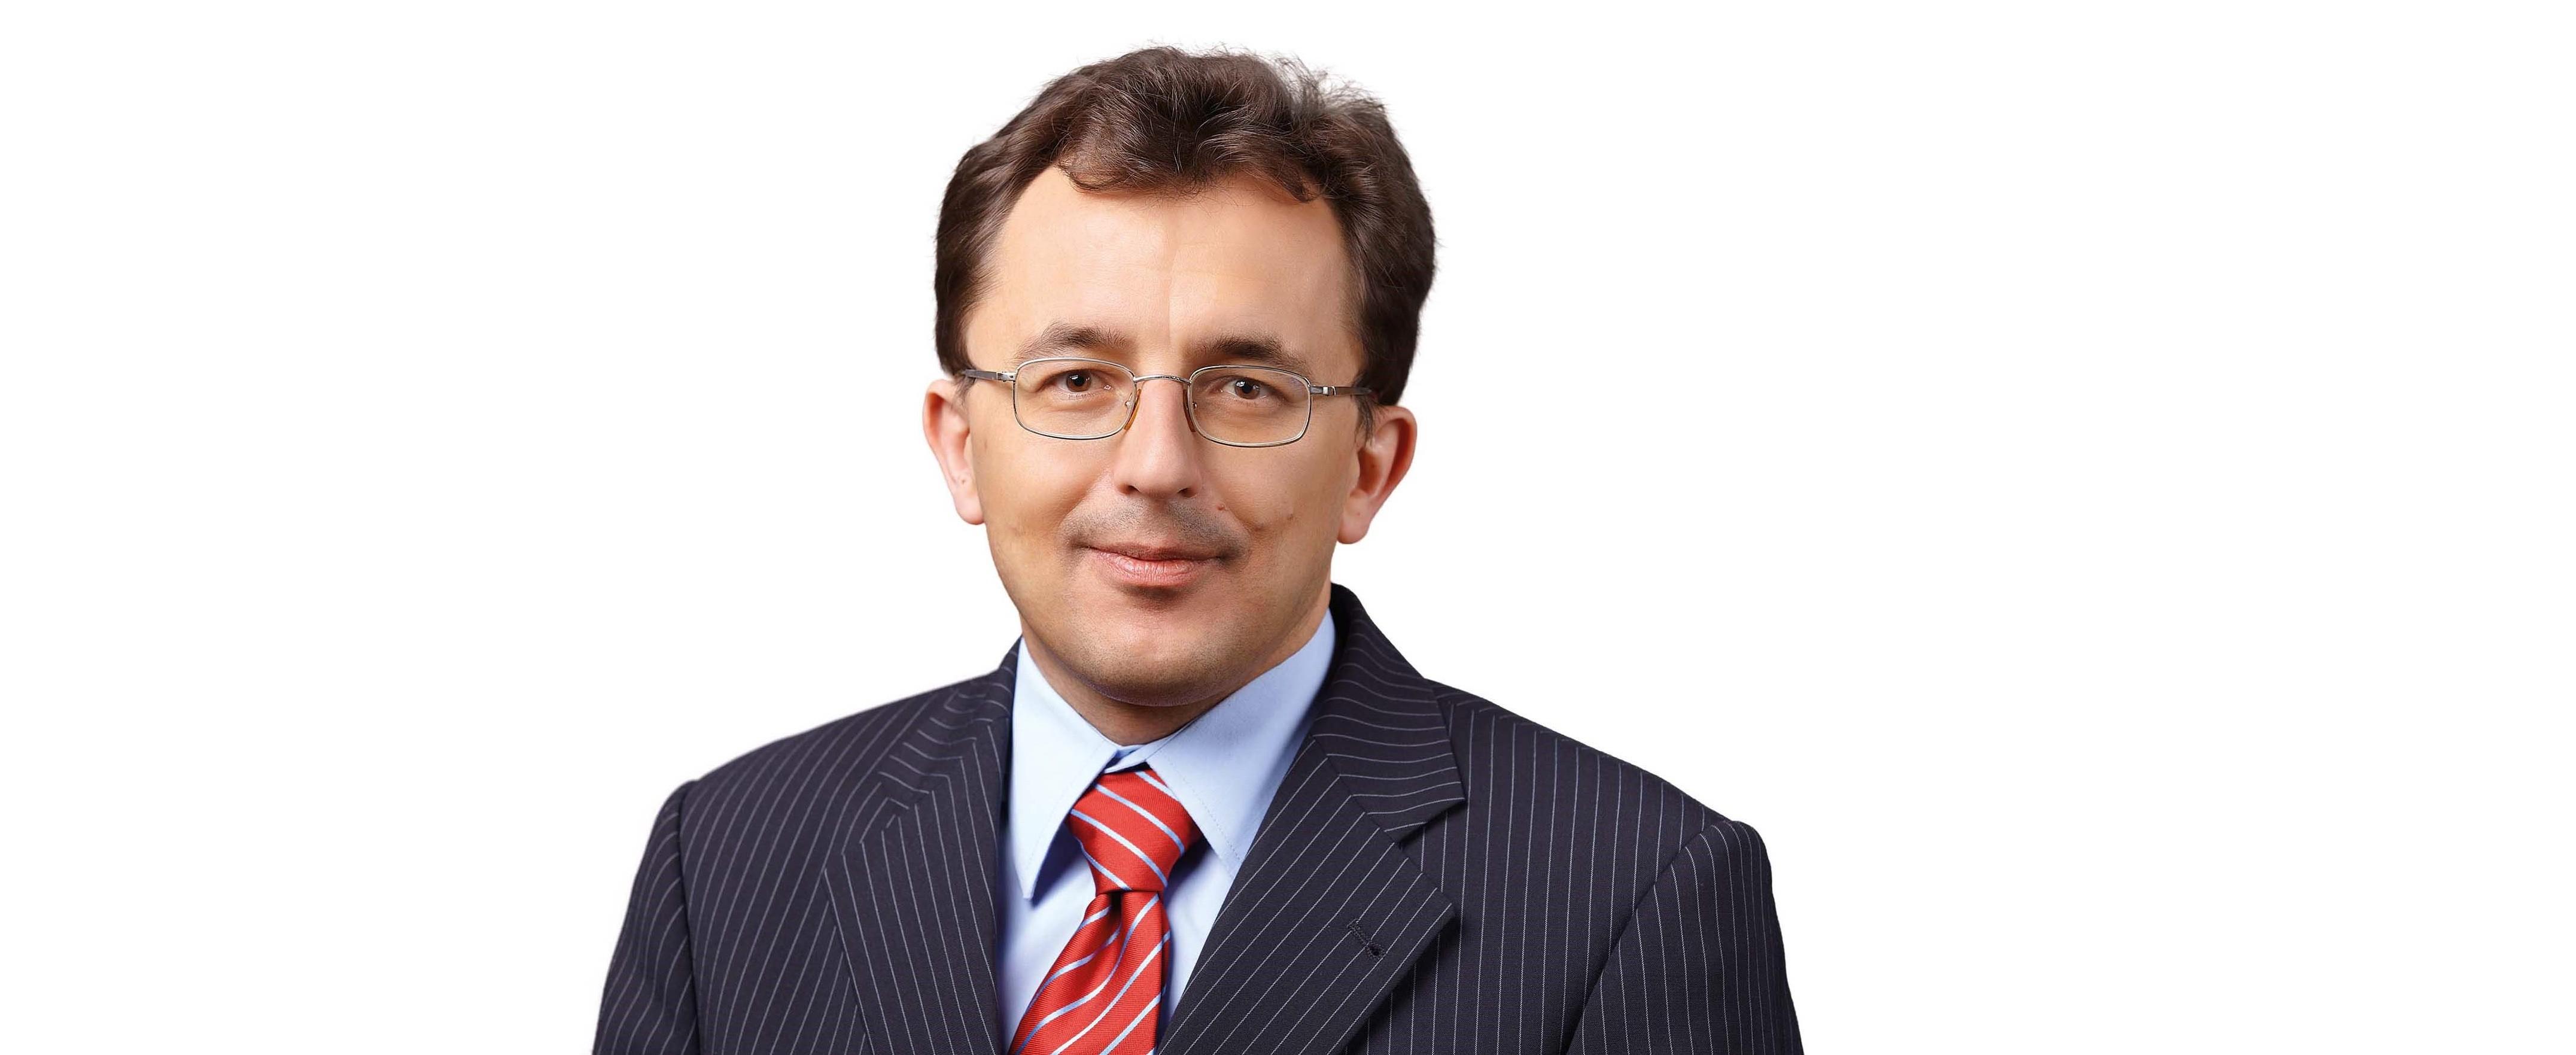 Autorska propozycja radnego Karola Winiarskiego w sprawie problemów gmin górniczych